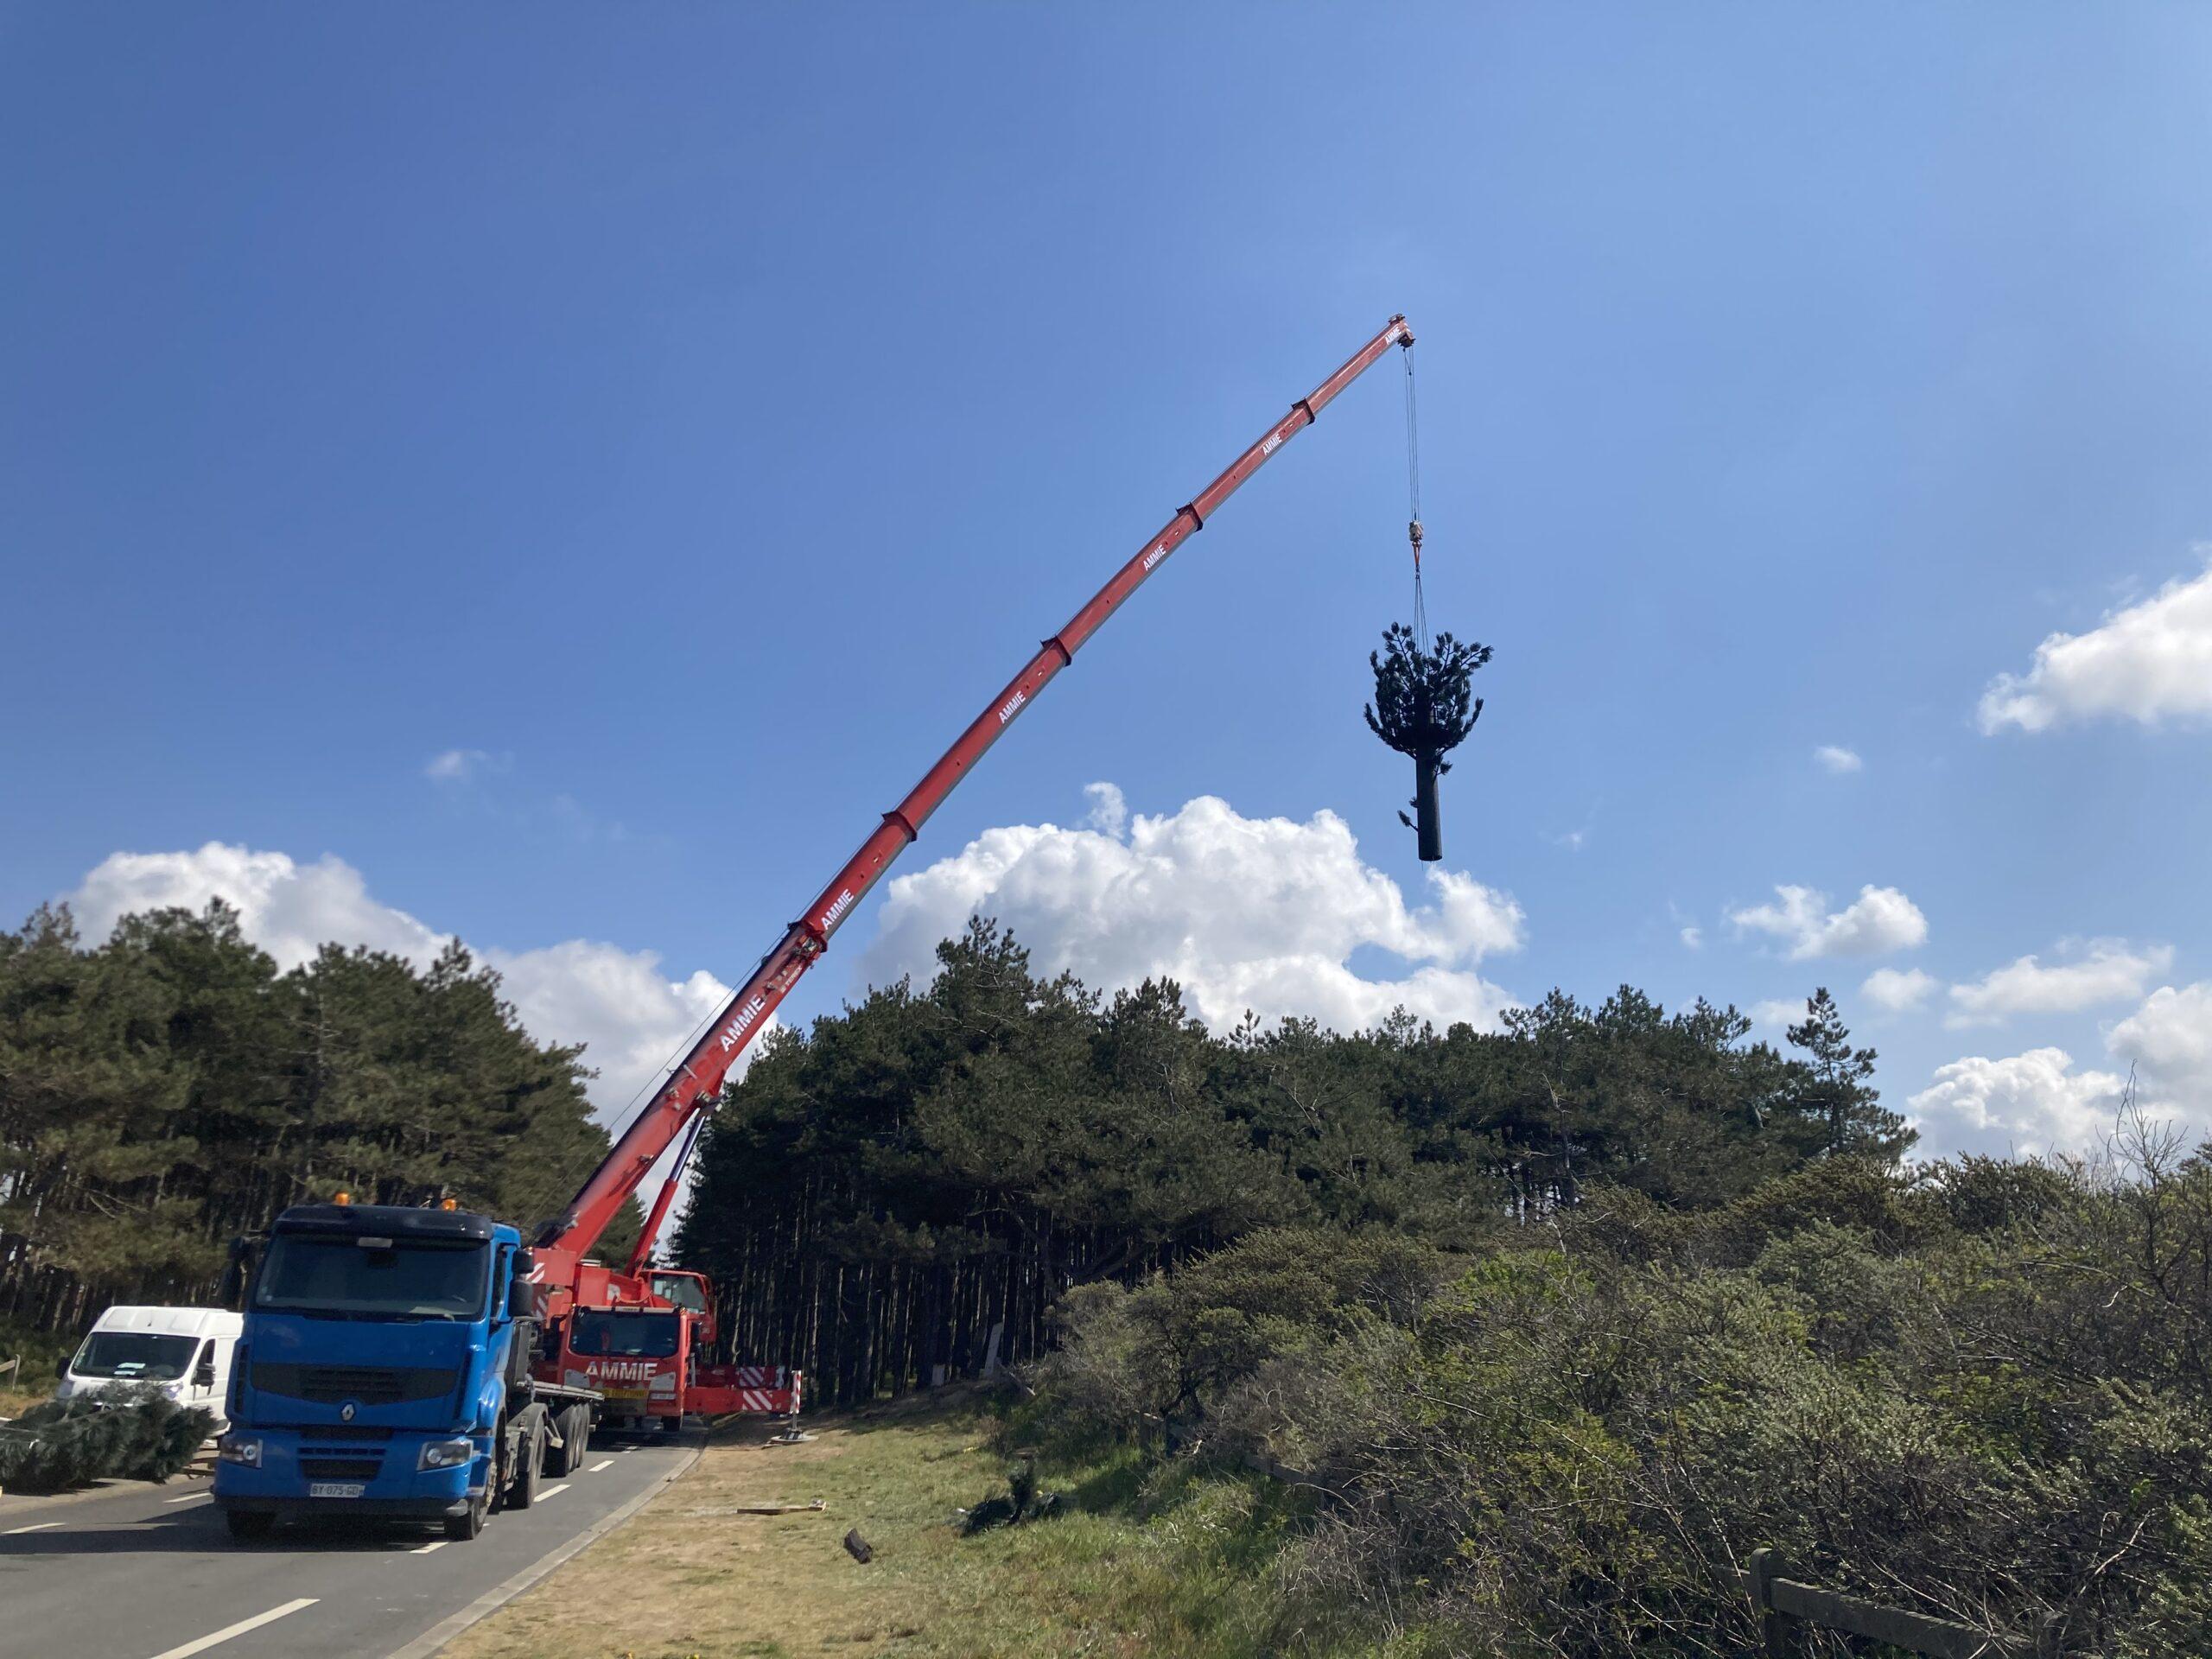 Le montage du pylône de Neufchâtel-Hardelot en images